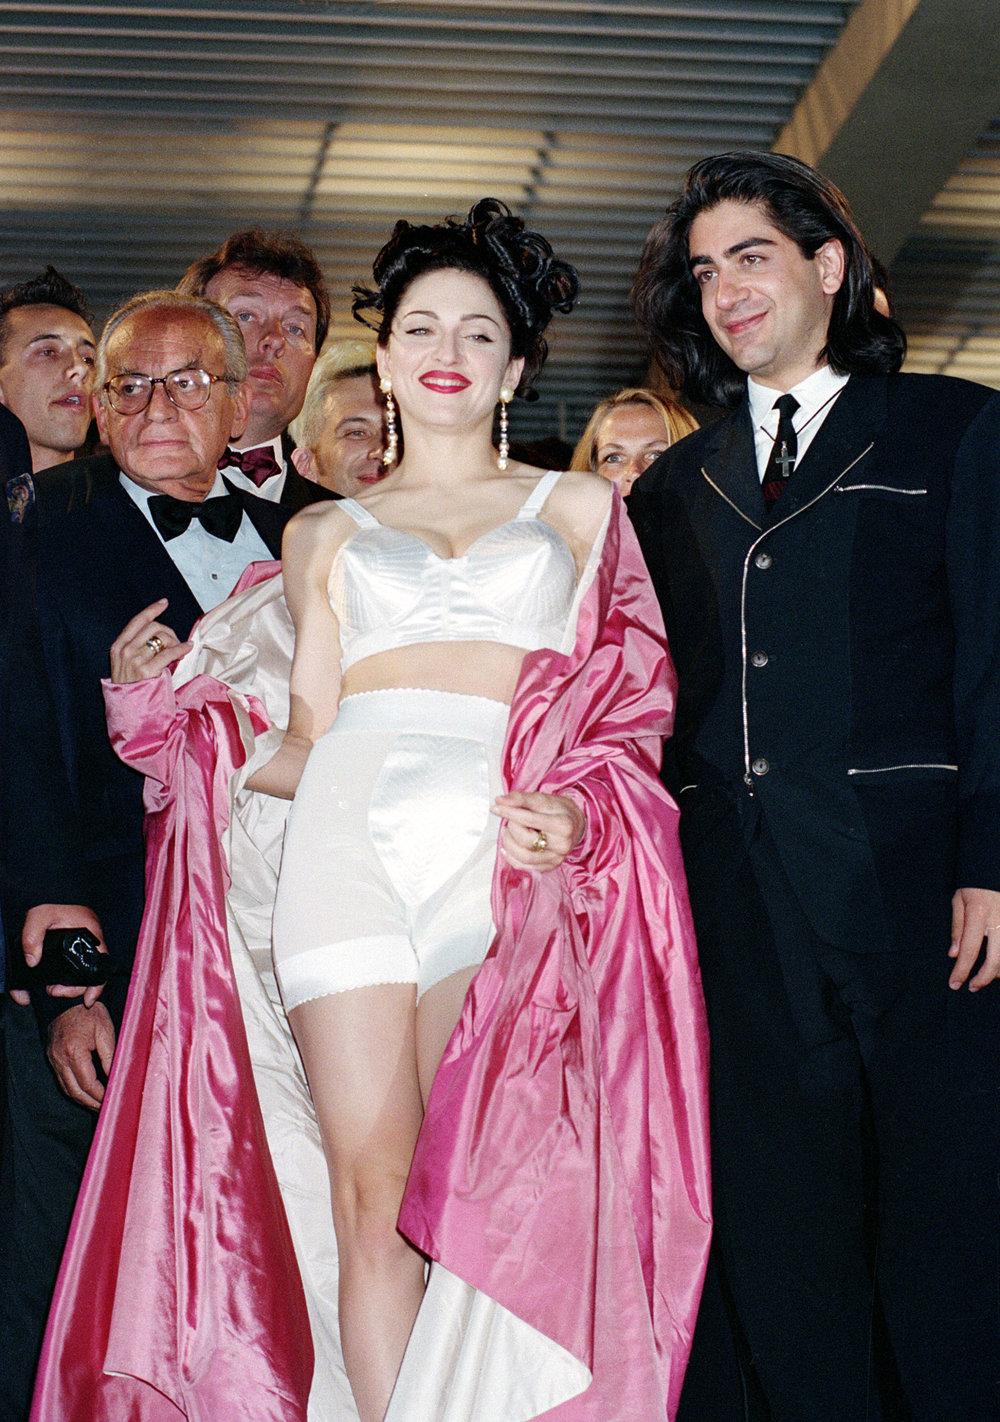 Speváčka Madona opúšťa kino po premietaní filmu s Madonou v posteli v roku 1991.